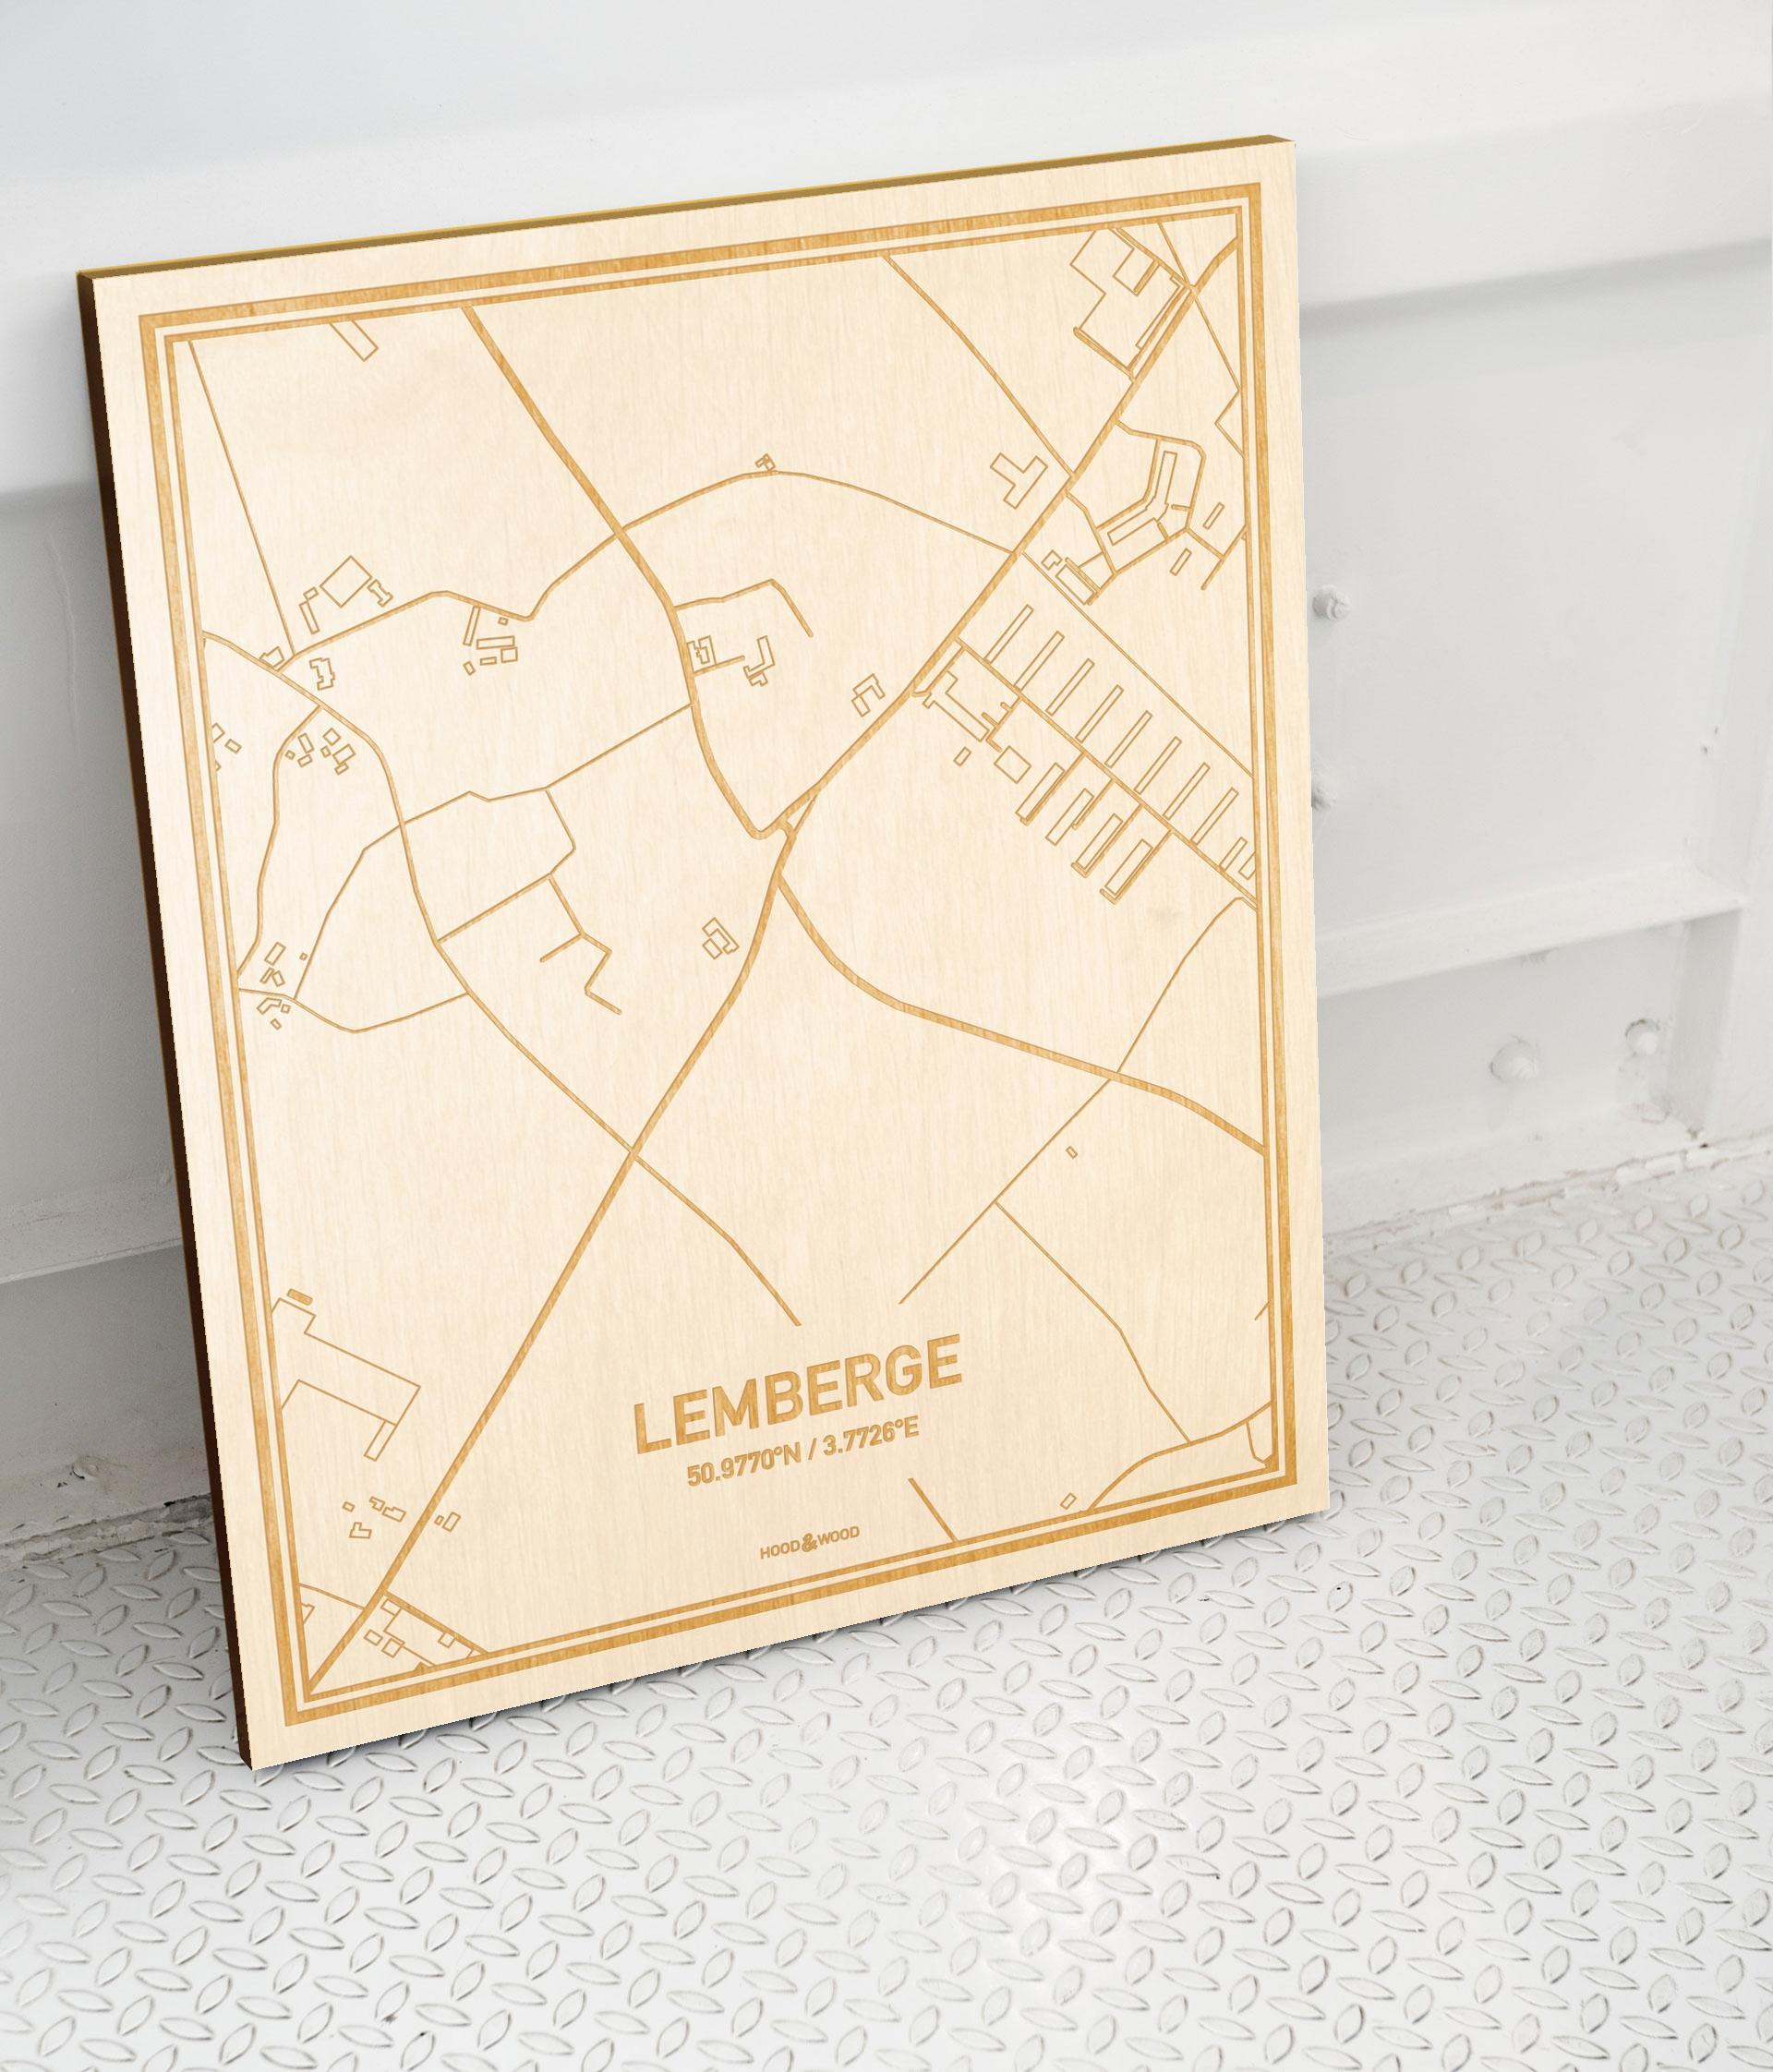 Plattegrond Lemberge als prachtige houten wanddecoratie. Het warme hout contrasteert mooi met de witte muur.